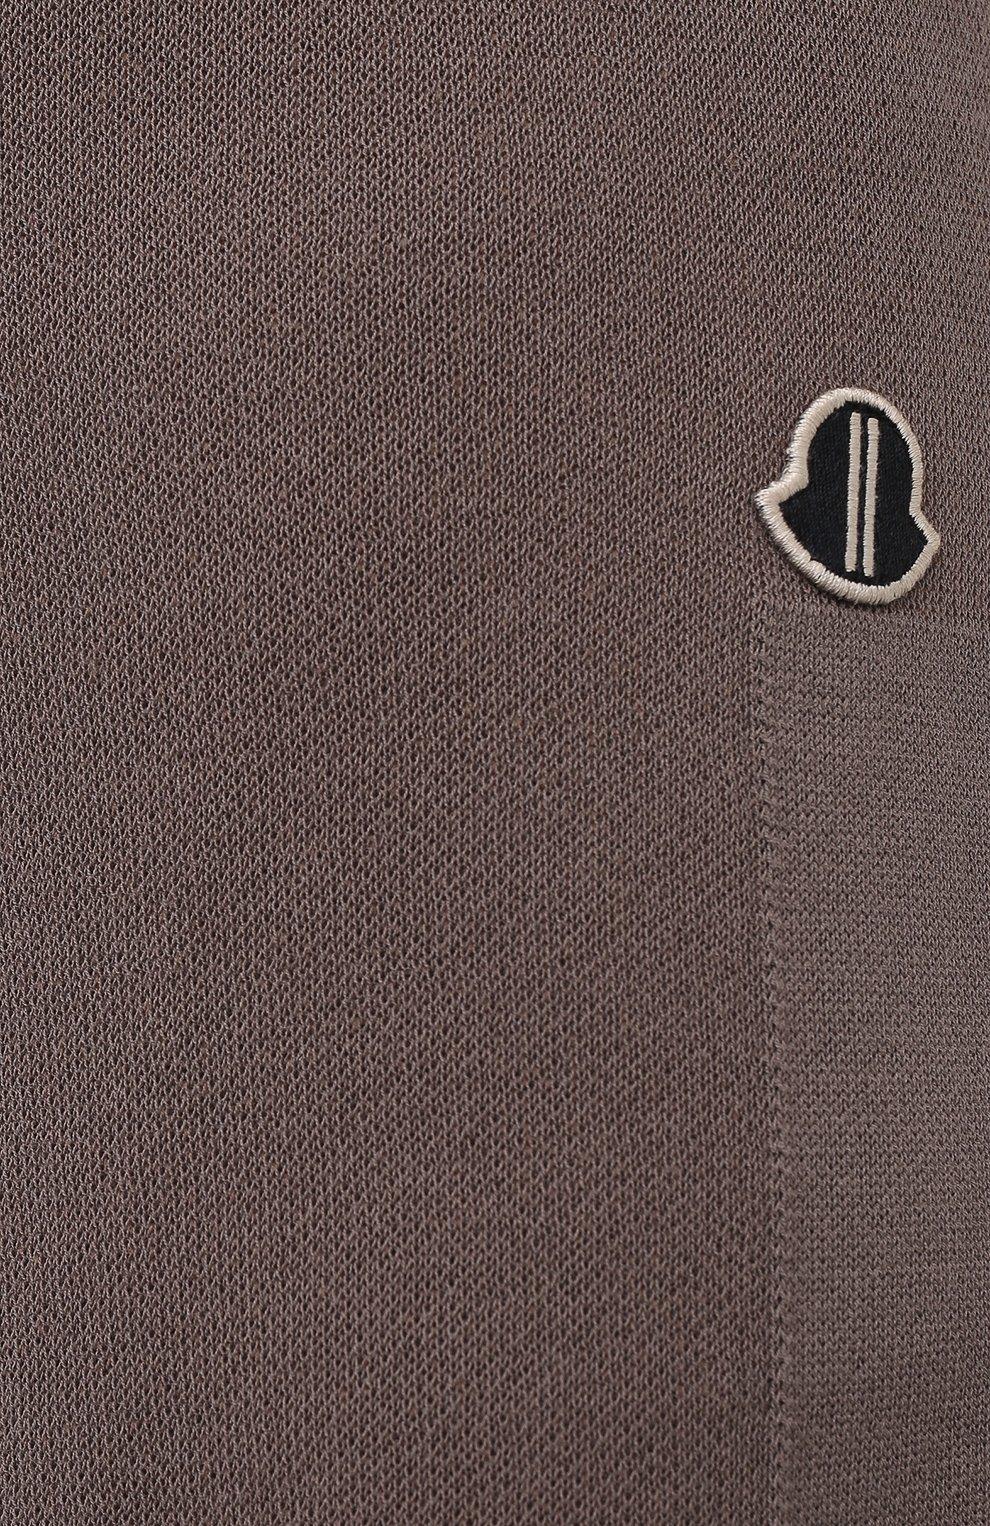 Женские шорты rick owens + moncler RICK OWENS серого цвета, арт. MU20F0019/A9454 | Фото 5 (Женское Кросс-КТ: Шорты-одежда; Материал внешний: Шерсть, Кашемир, Хлопок; Длина Ж (юбки, платья, шорты): Мини)